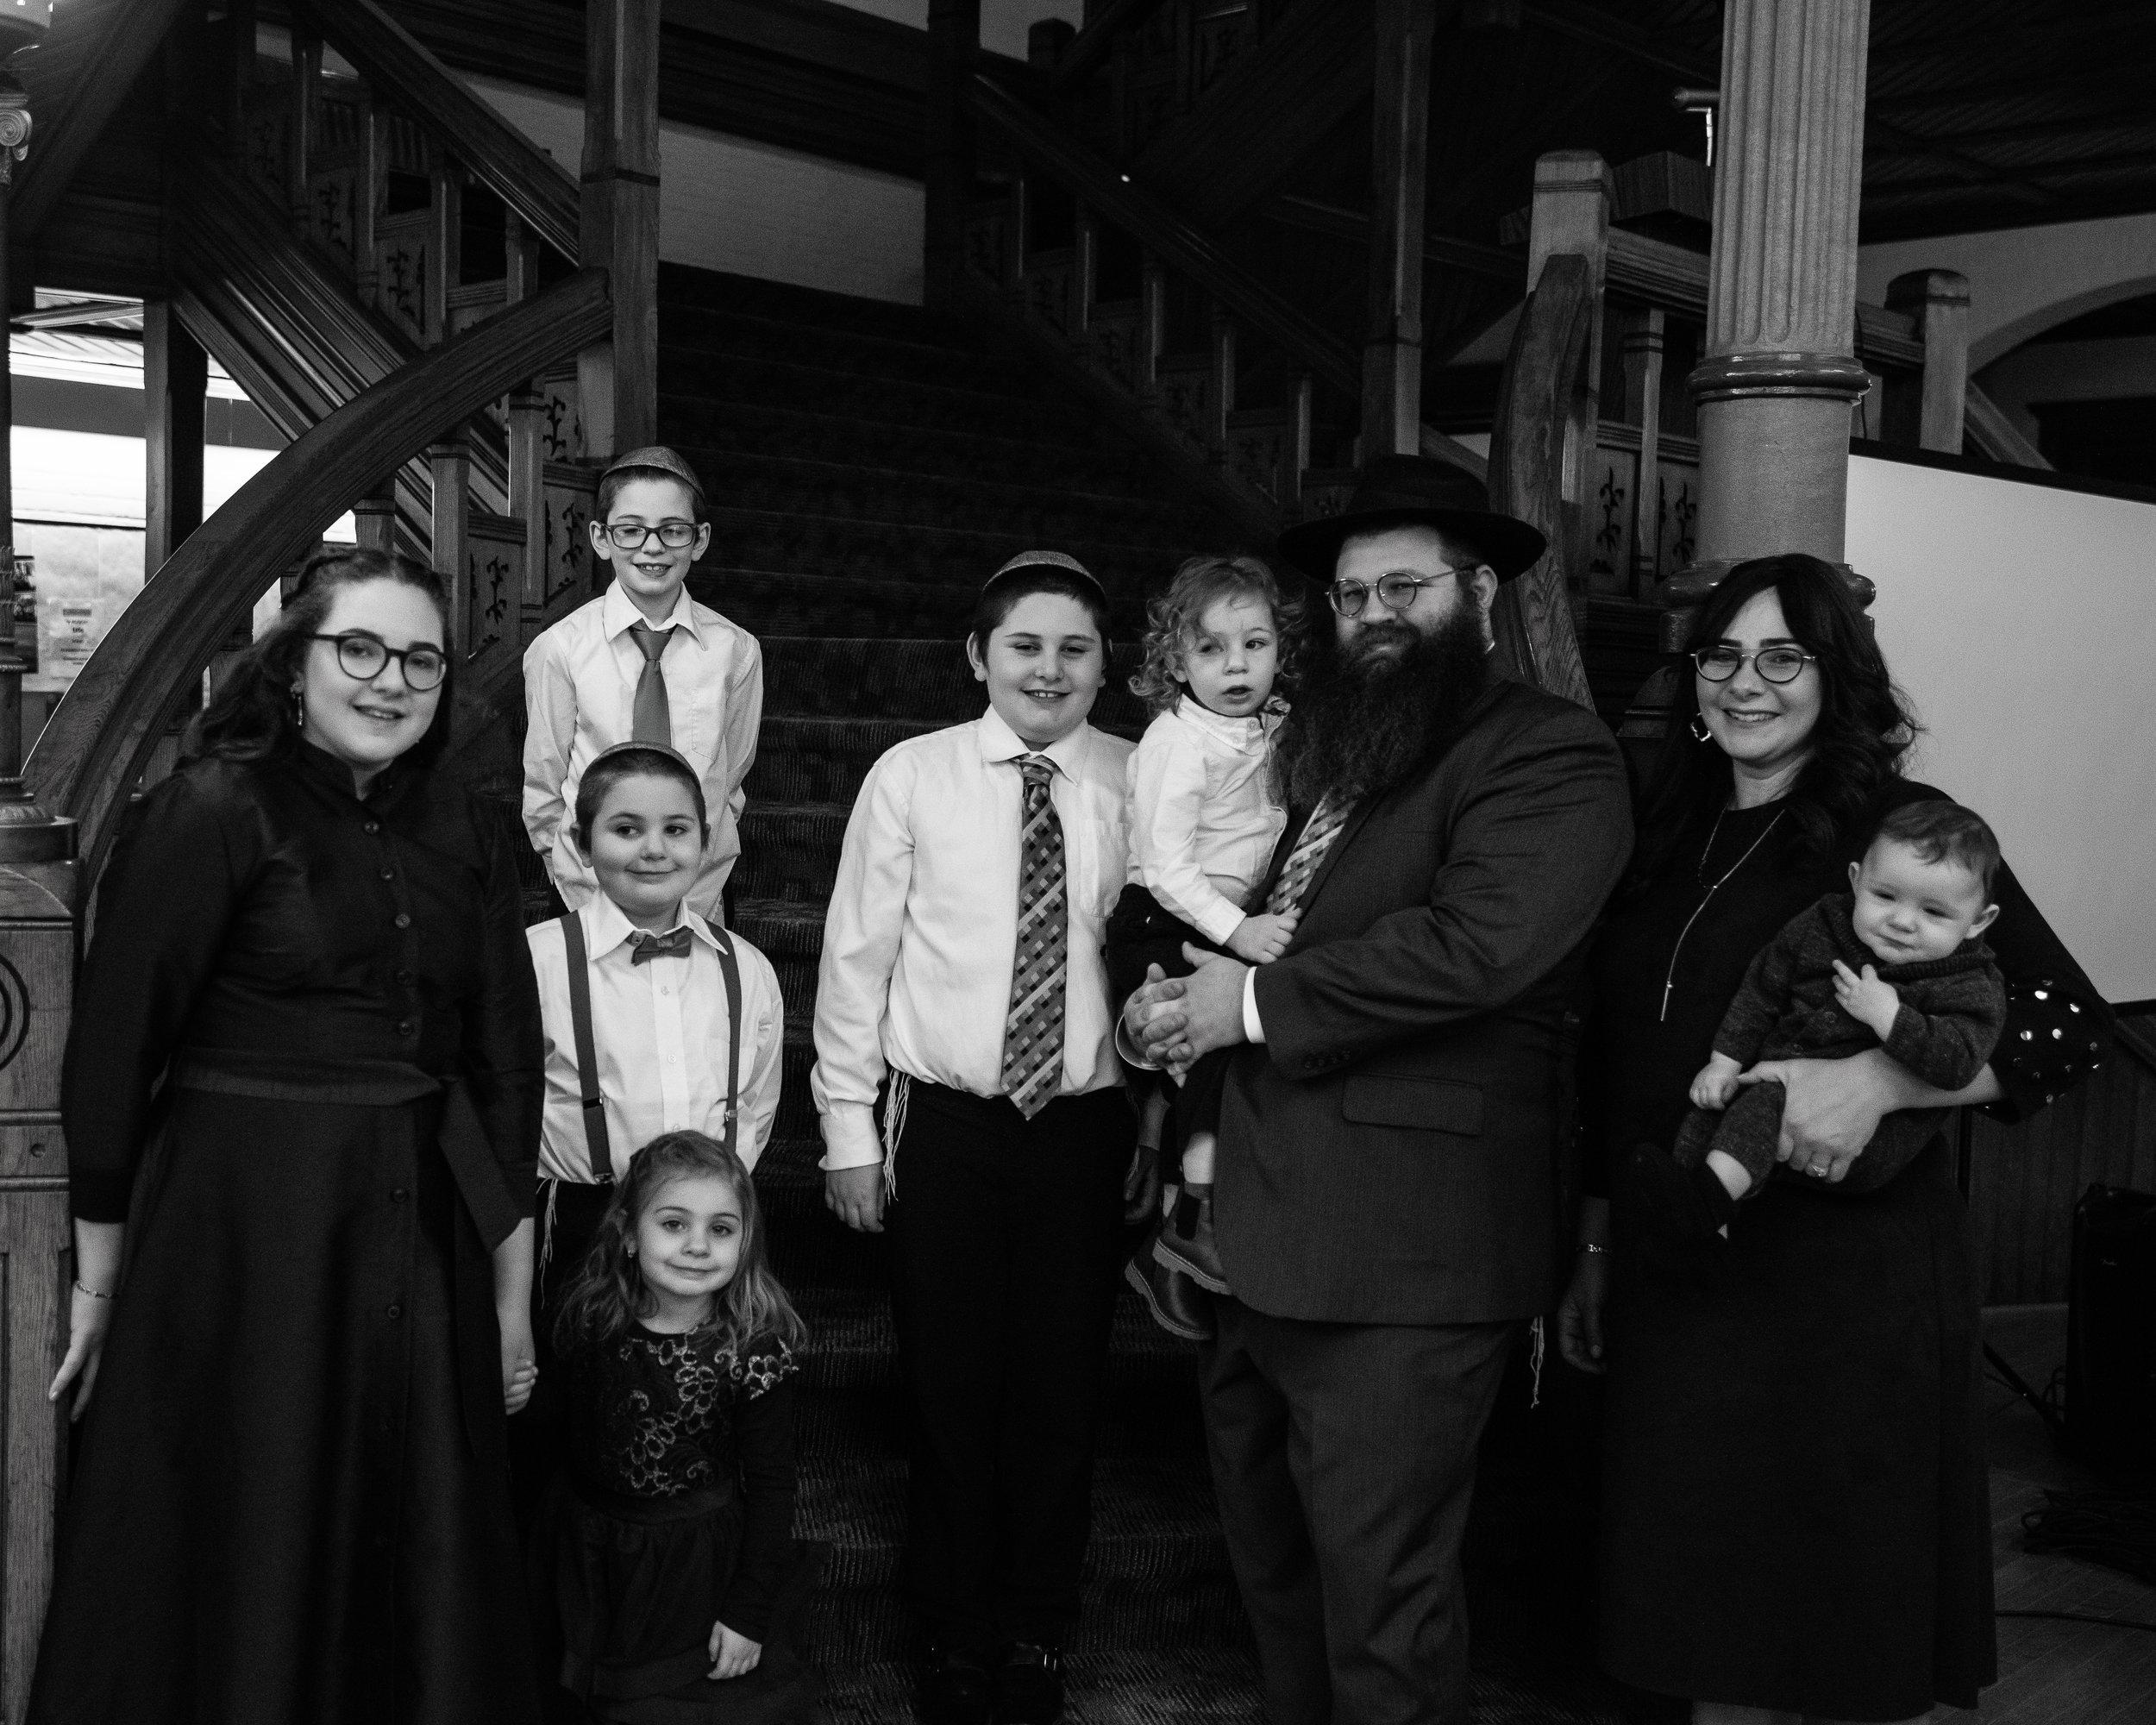 The Elkan Family: Shlomo, Devorah, Hadassah, Yanky, Menachem, Yosef, Chana, Beri, and Izzy